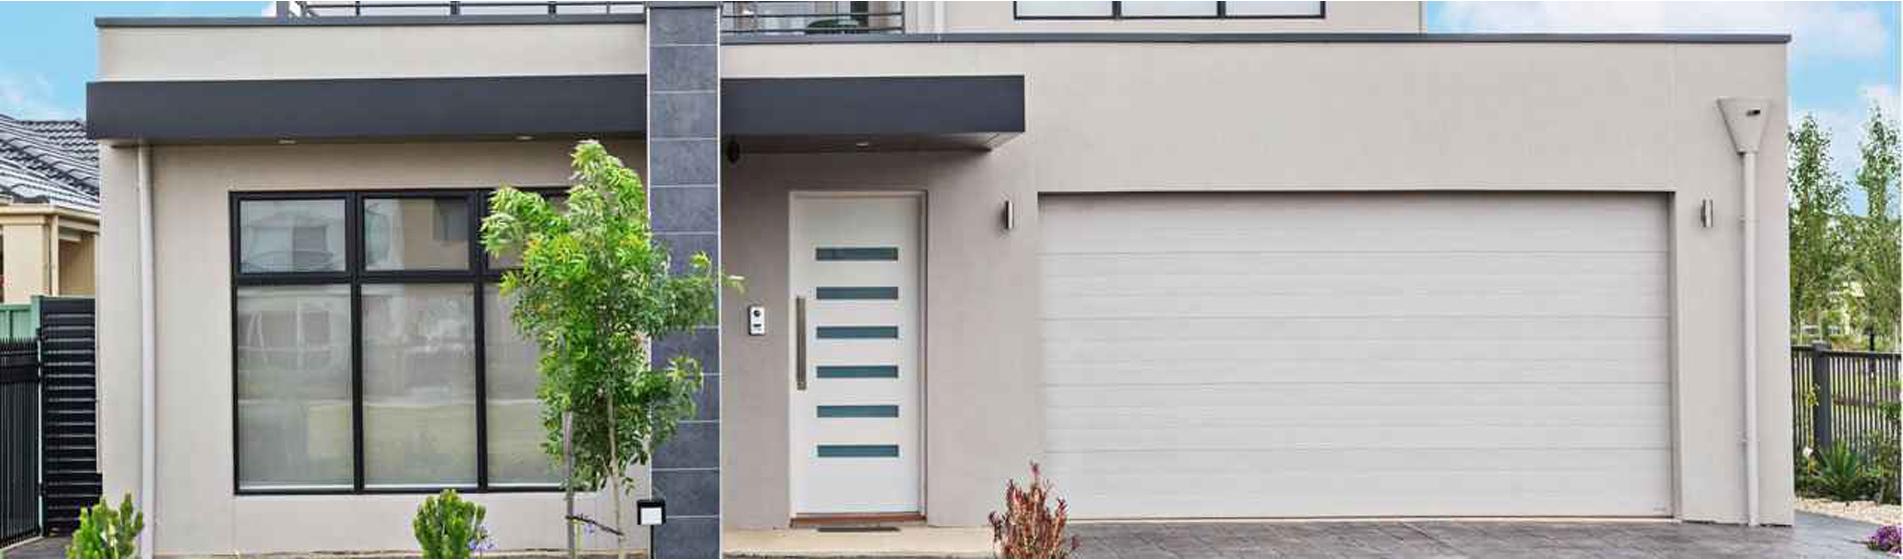 fabricant porte d'entrée vitrée 13670